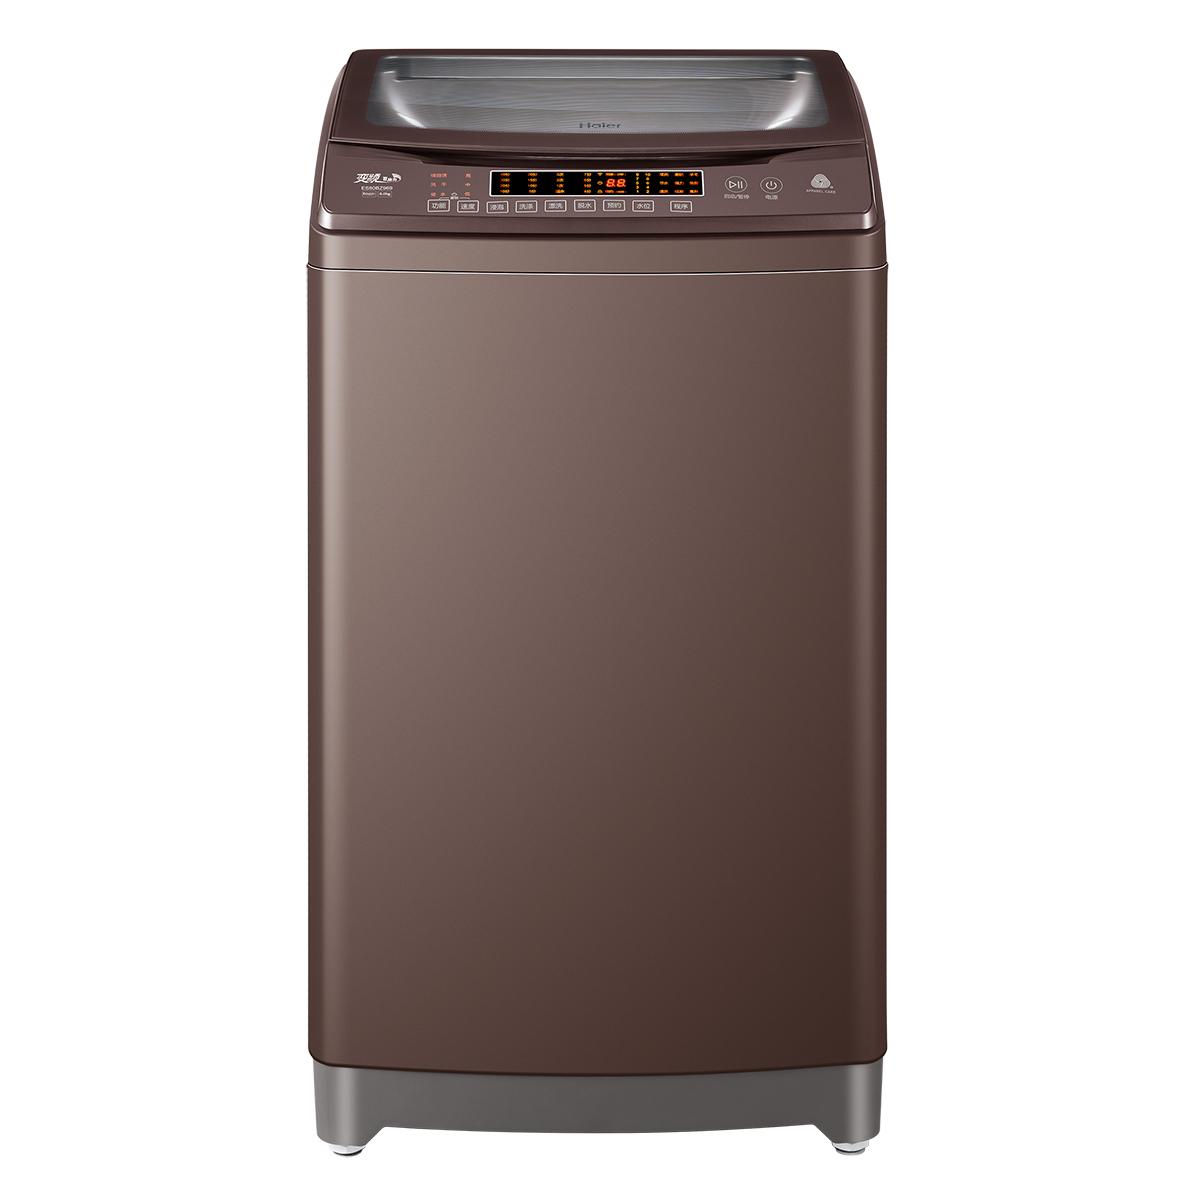 波轮洗衣机怎么样 波轮洗衣机品牌性能介绍